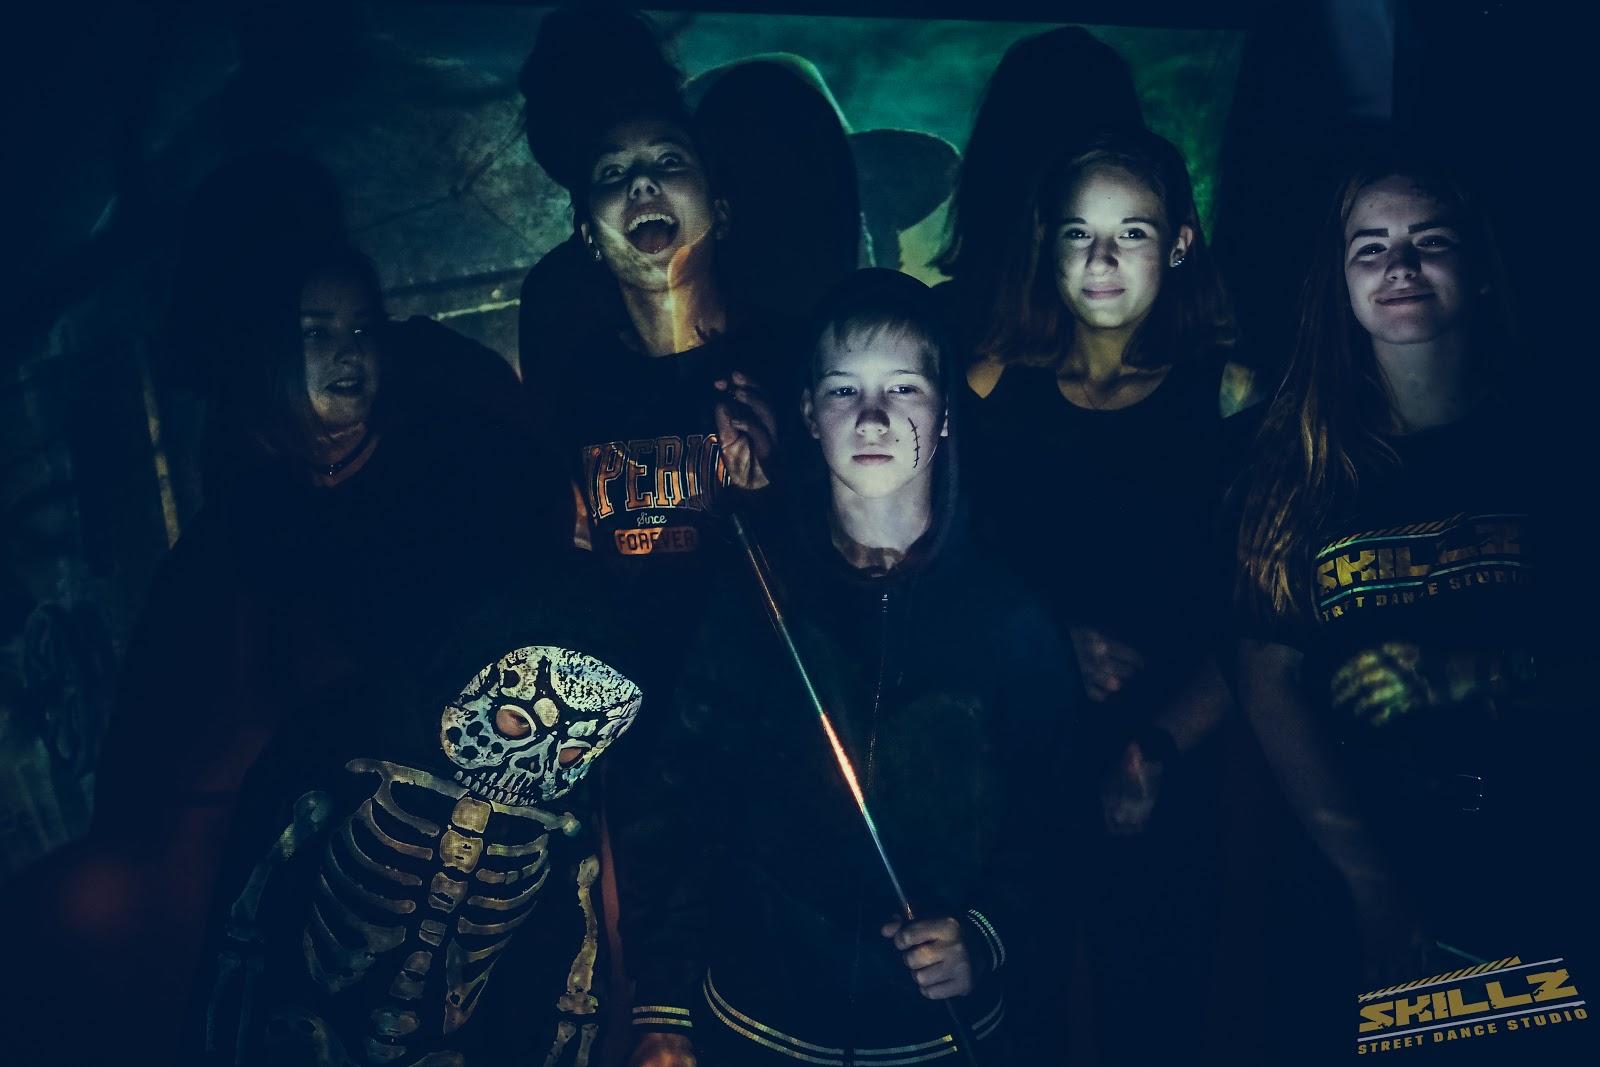 Naujikų krikštynos @SKILLZ (Halloween tema) - PANA1451.jpg